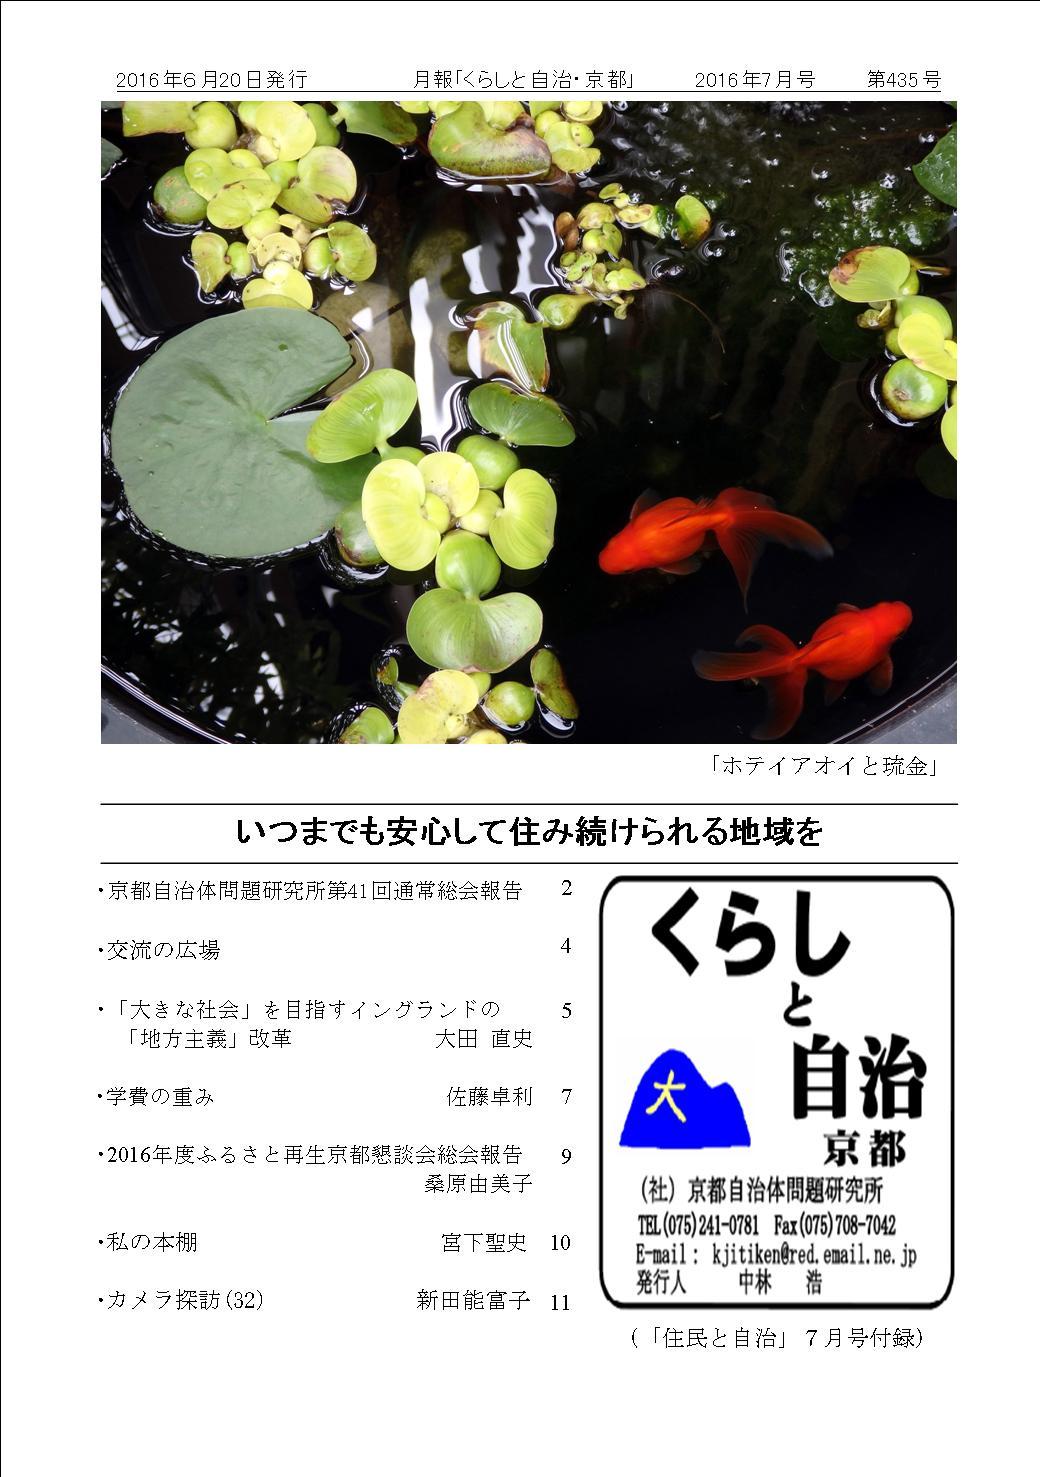 月報「くらしと自治・京都」2016年07月号 第435号